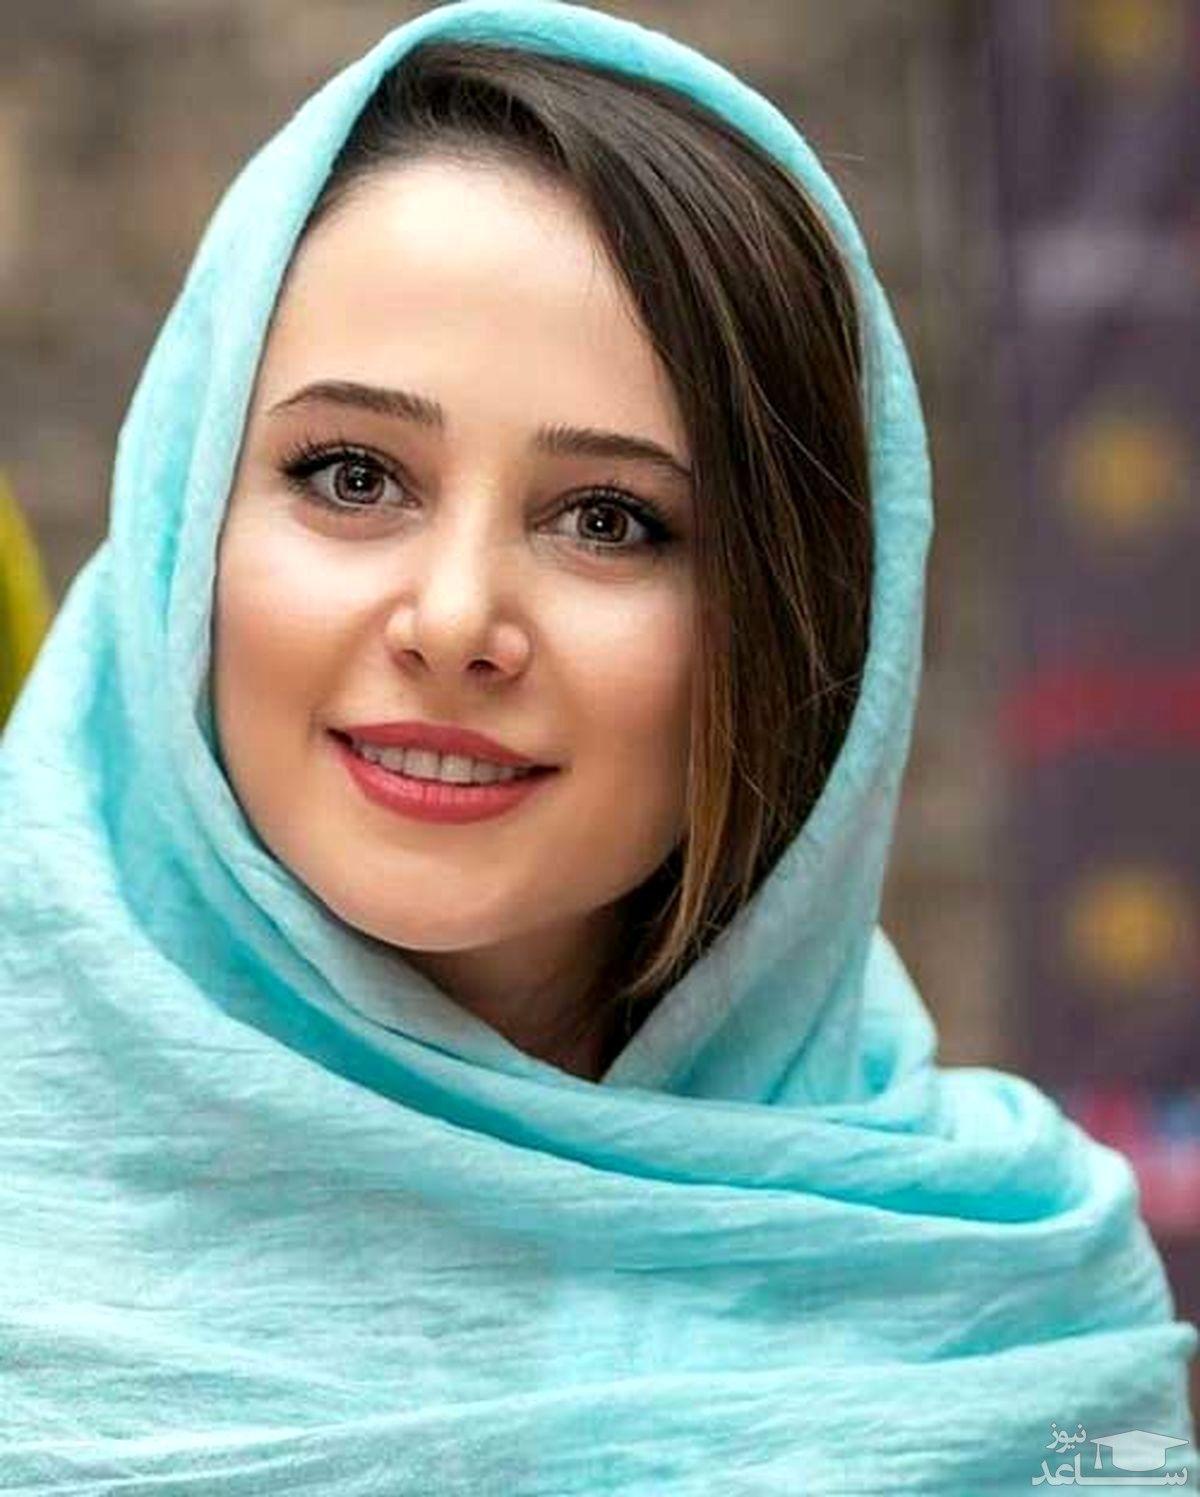 الناز حبیبی و همسر سابقش | ساعدنیوز